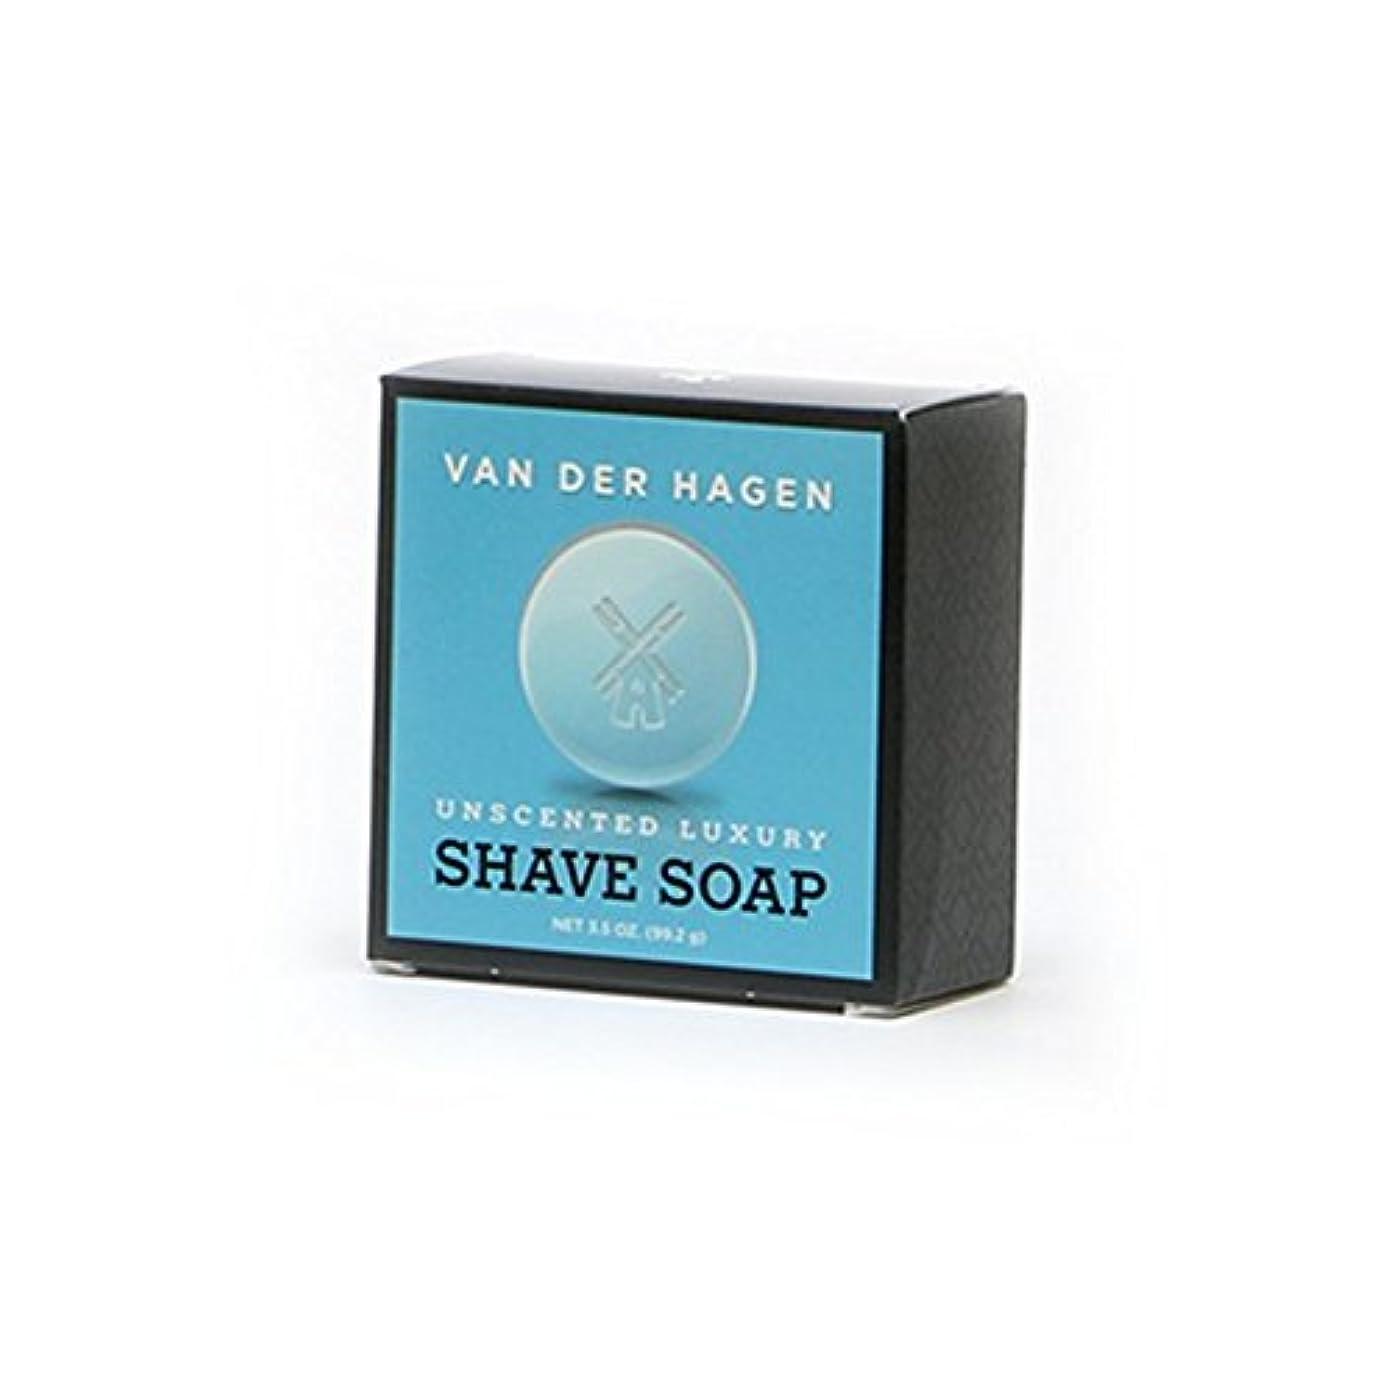 アヒルブランチ体VANDERHAGEN(米) シェービングソープ 剃刀負けしにくい 無香料 髭剃り用石鹸